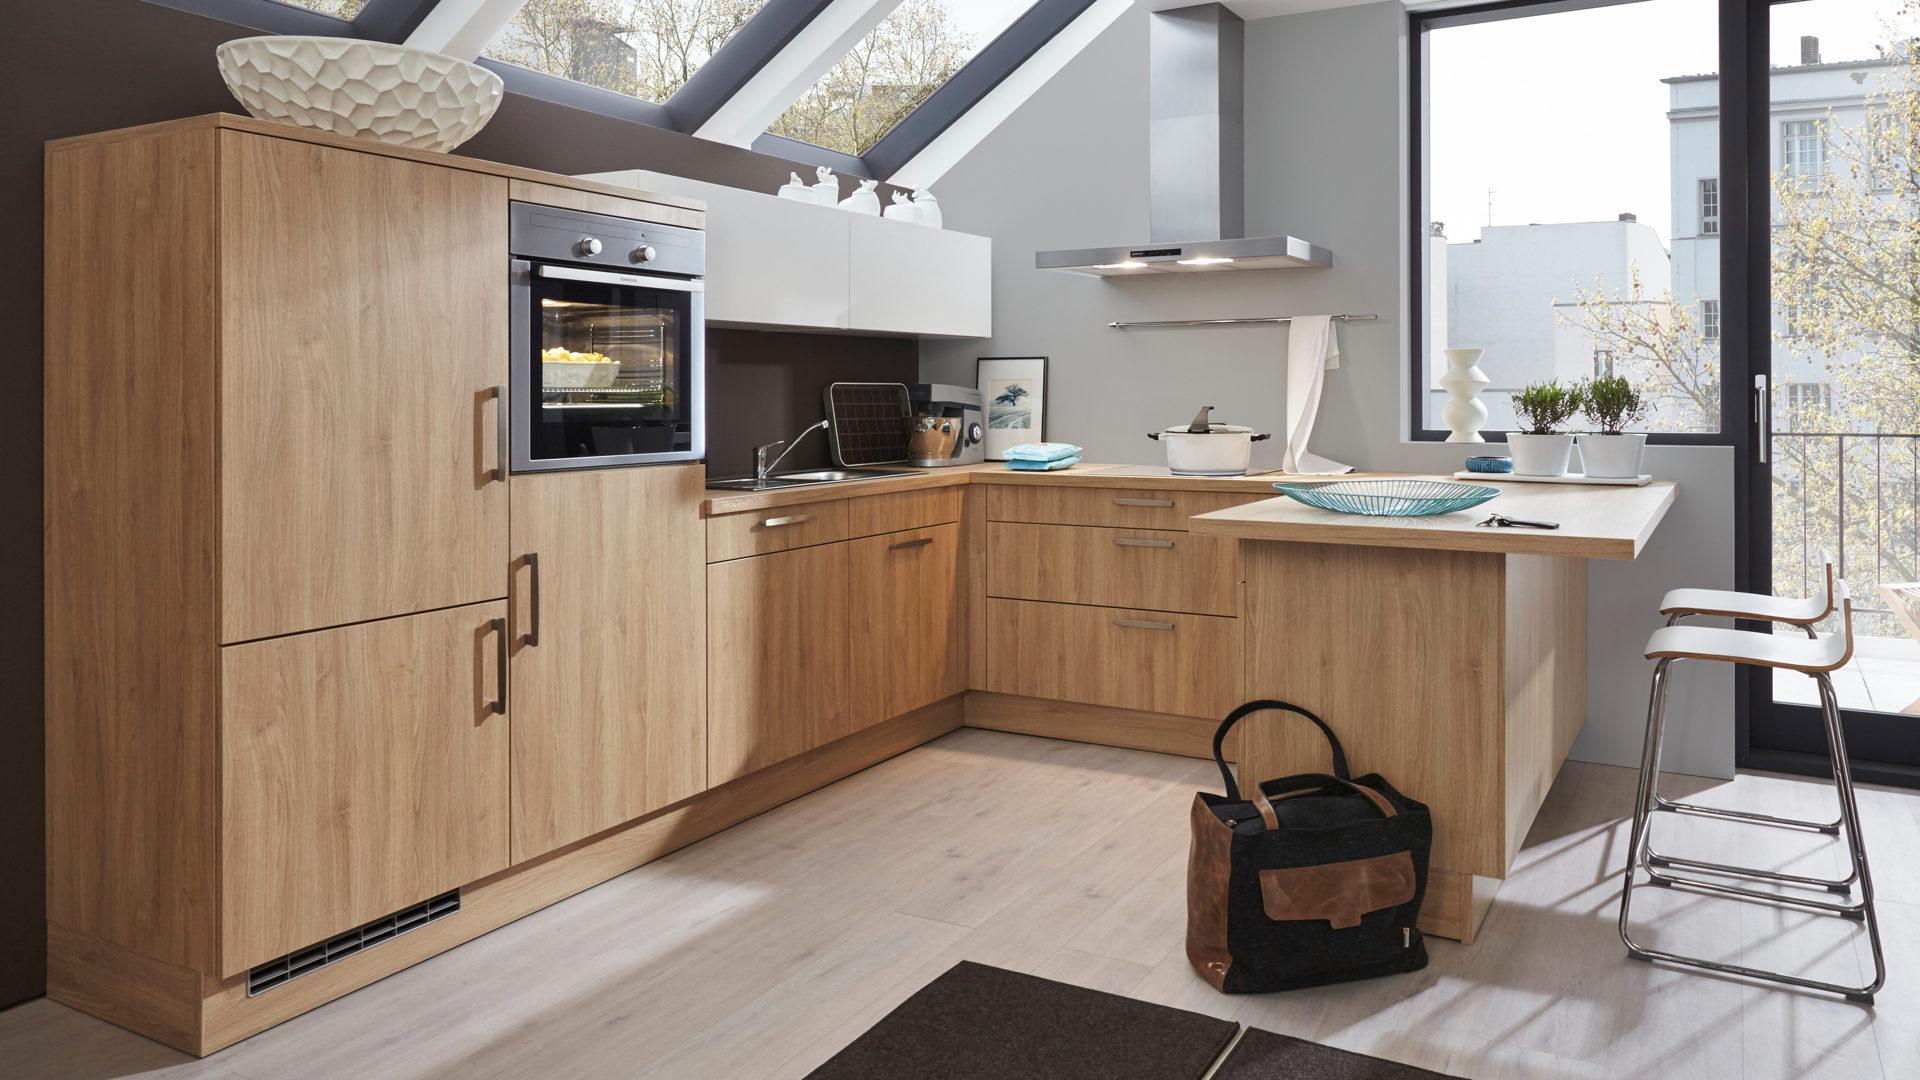 Einbauküche mit privileg-Elektrogeräten wie Kühlschrank ...